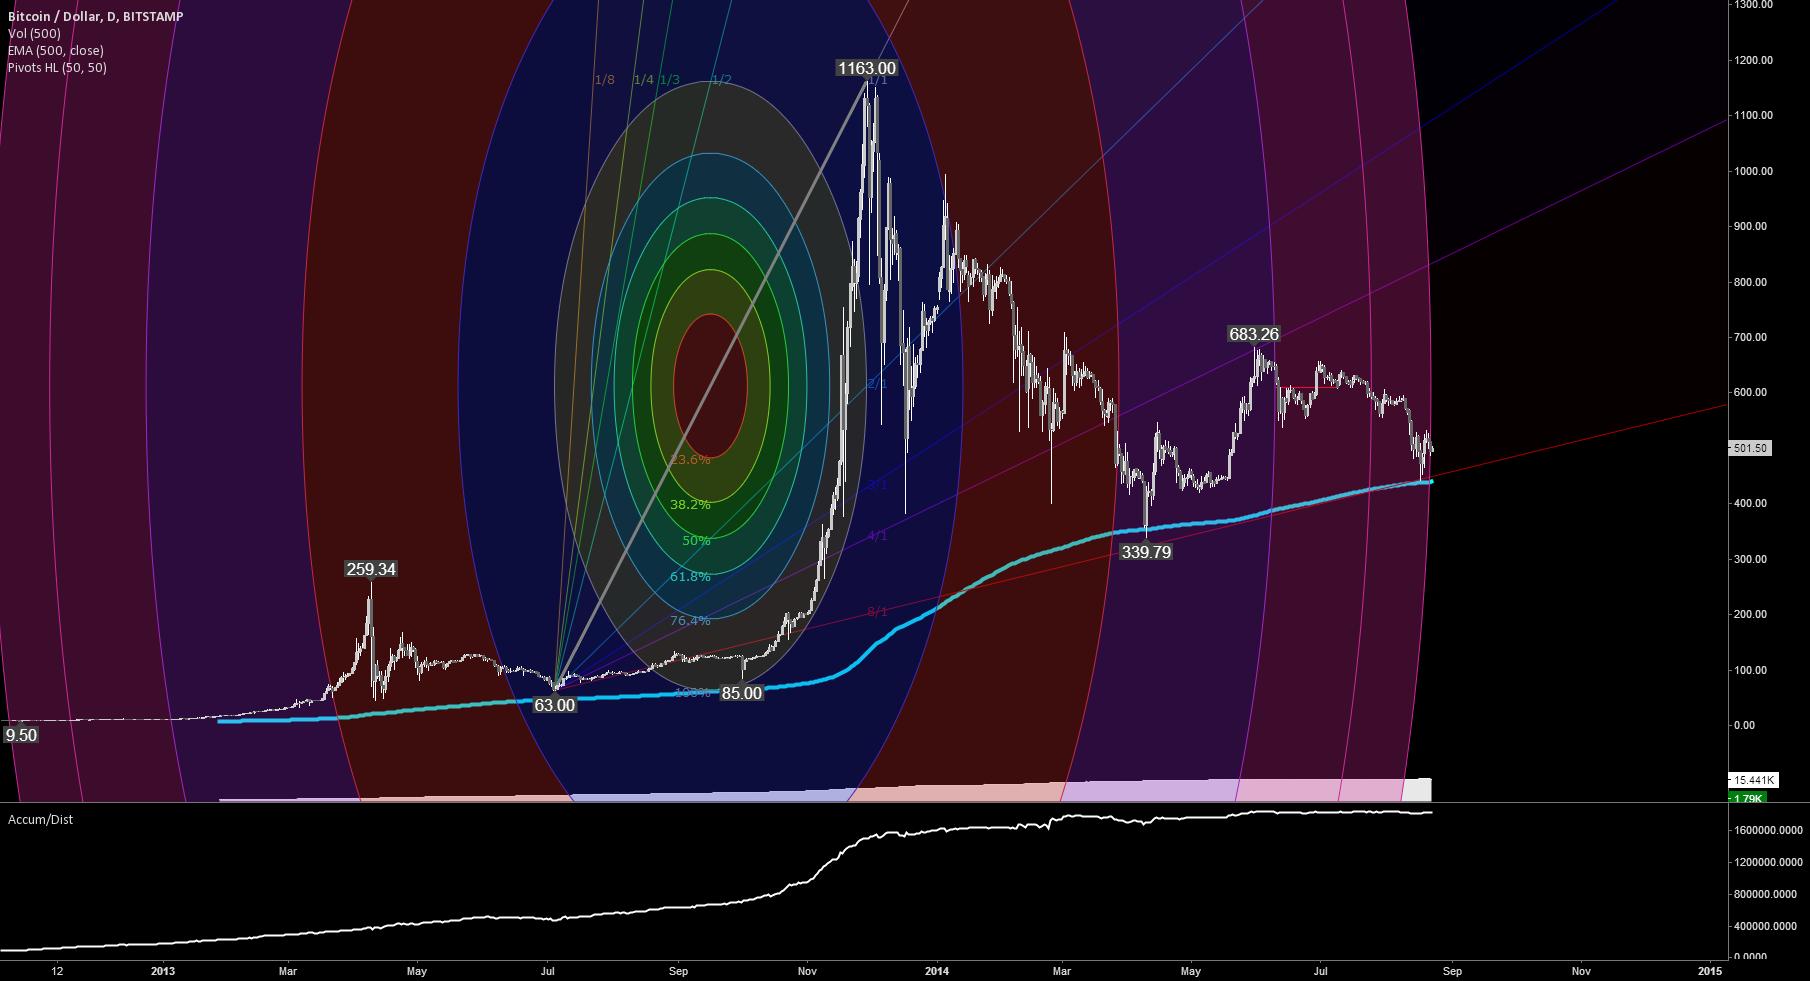 Bitcoin price prediction for Winter 2014